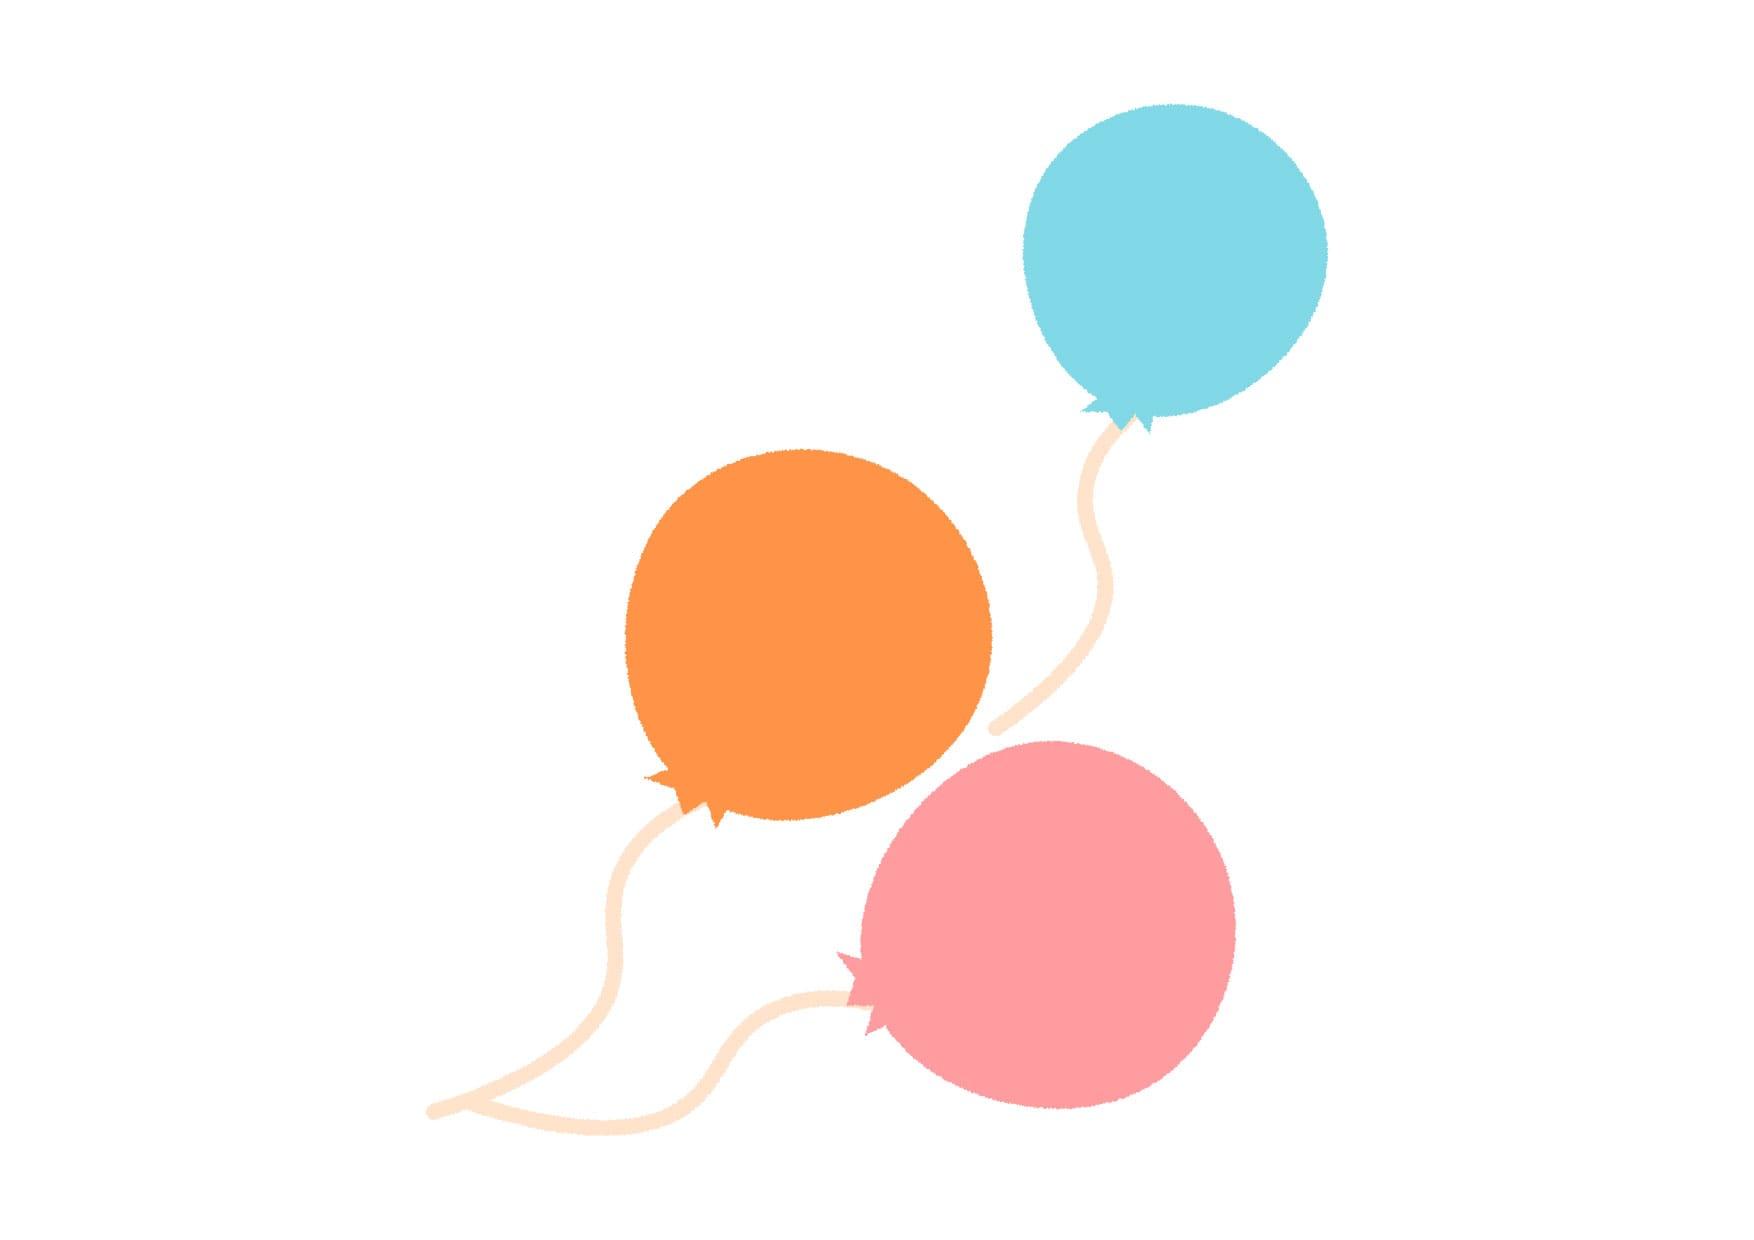 可愛いイラスト無料 風船 カラフル Free Illustration Balloons